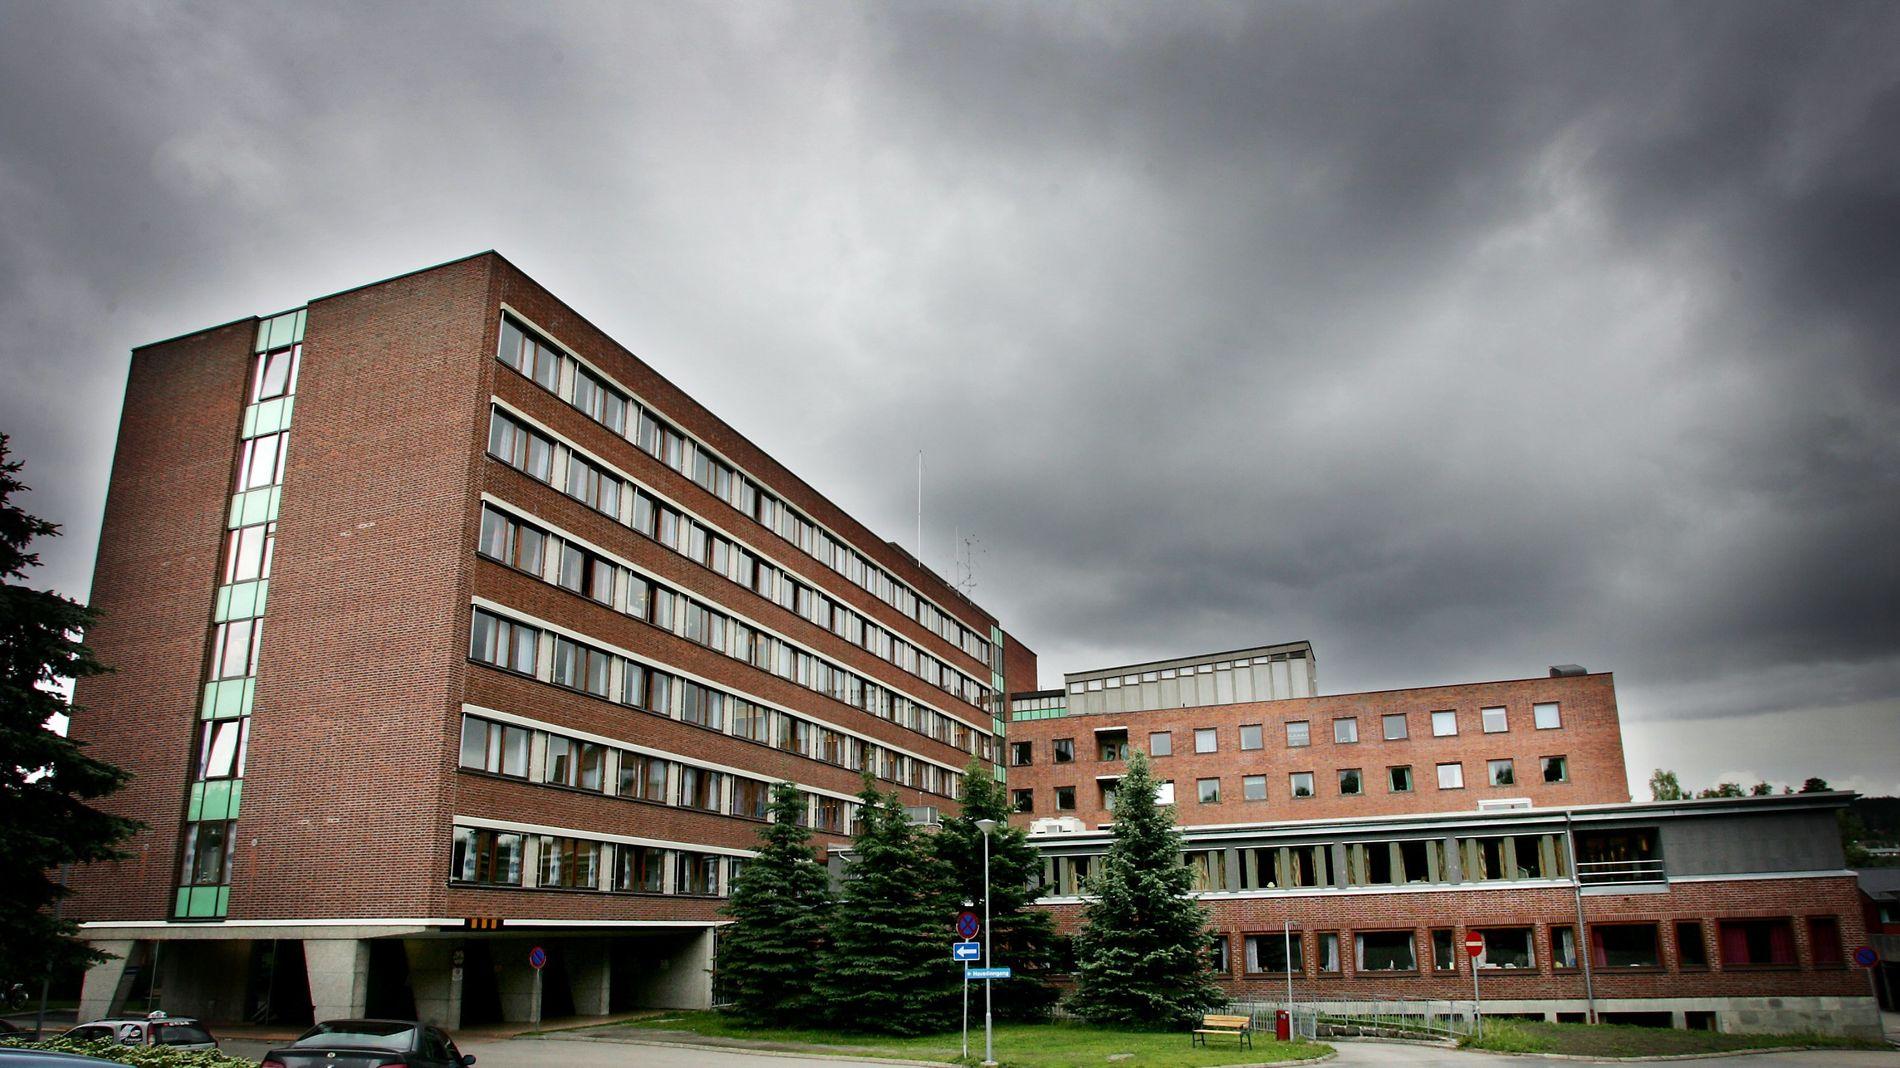 BEKYMRET: Assisterende fylkeslege Sissel Helene Bergaust er bekymret for tilstanden på Kongsvinger sykehus.